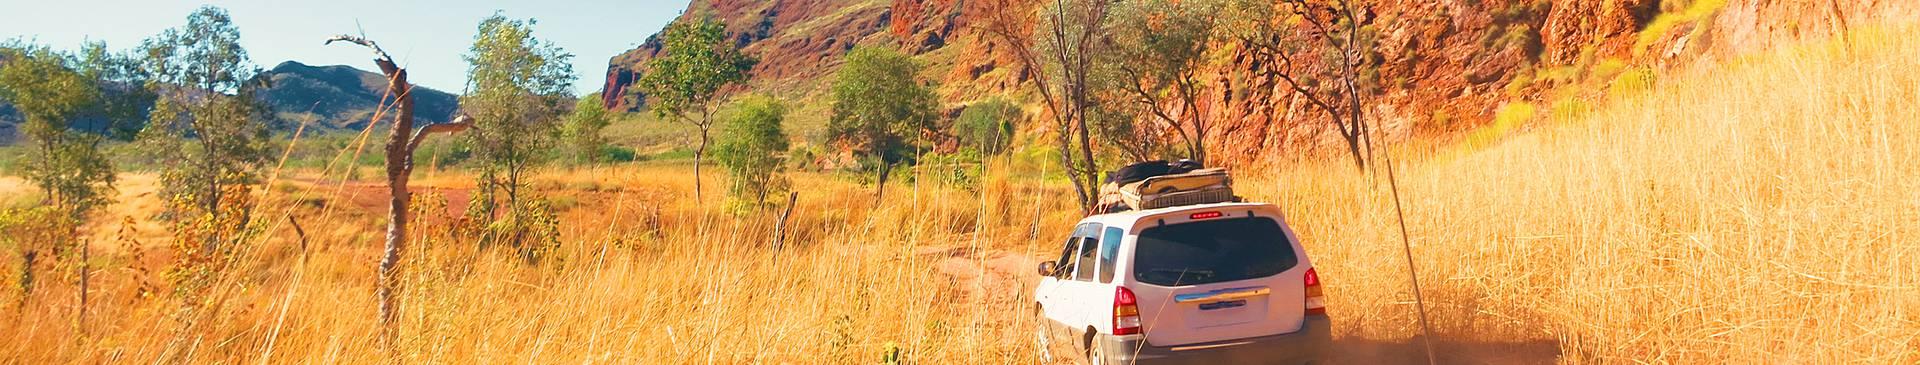 Australia jeep tours